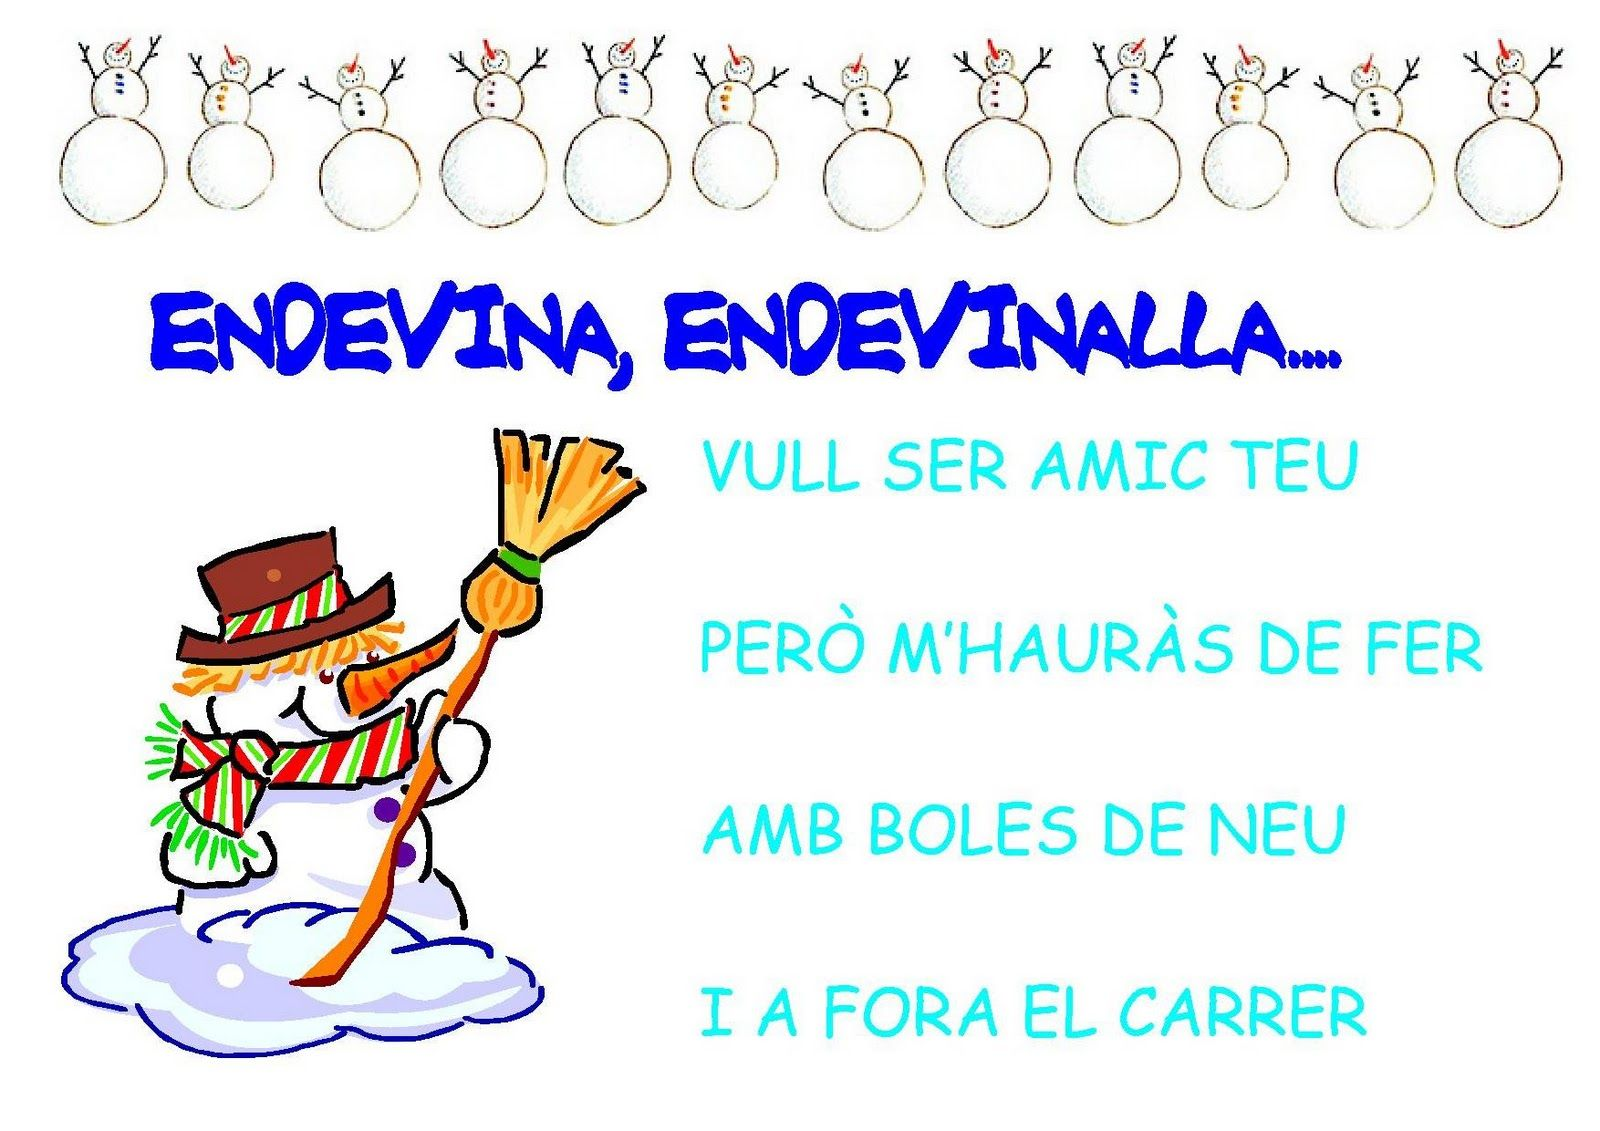 38 Ideas De Endevinalles I Cançons Cancionero Infantil Poemes De Nadal Canciones